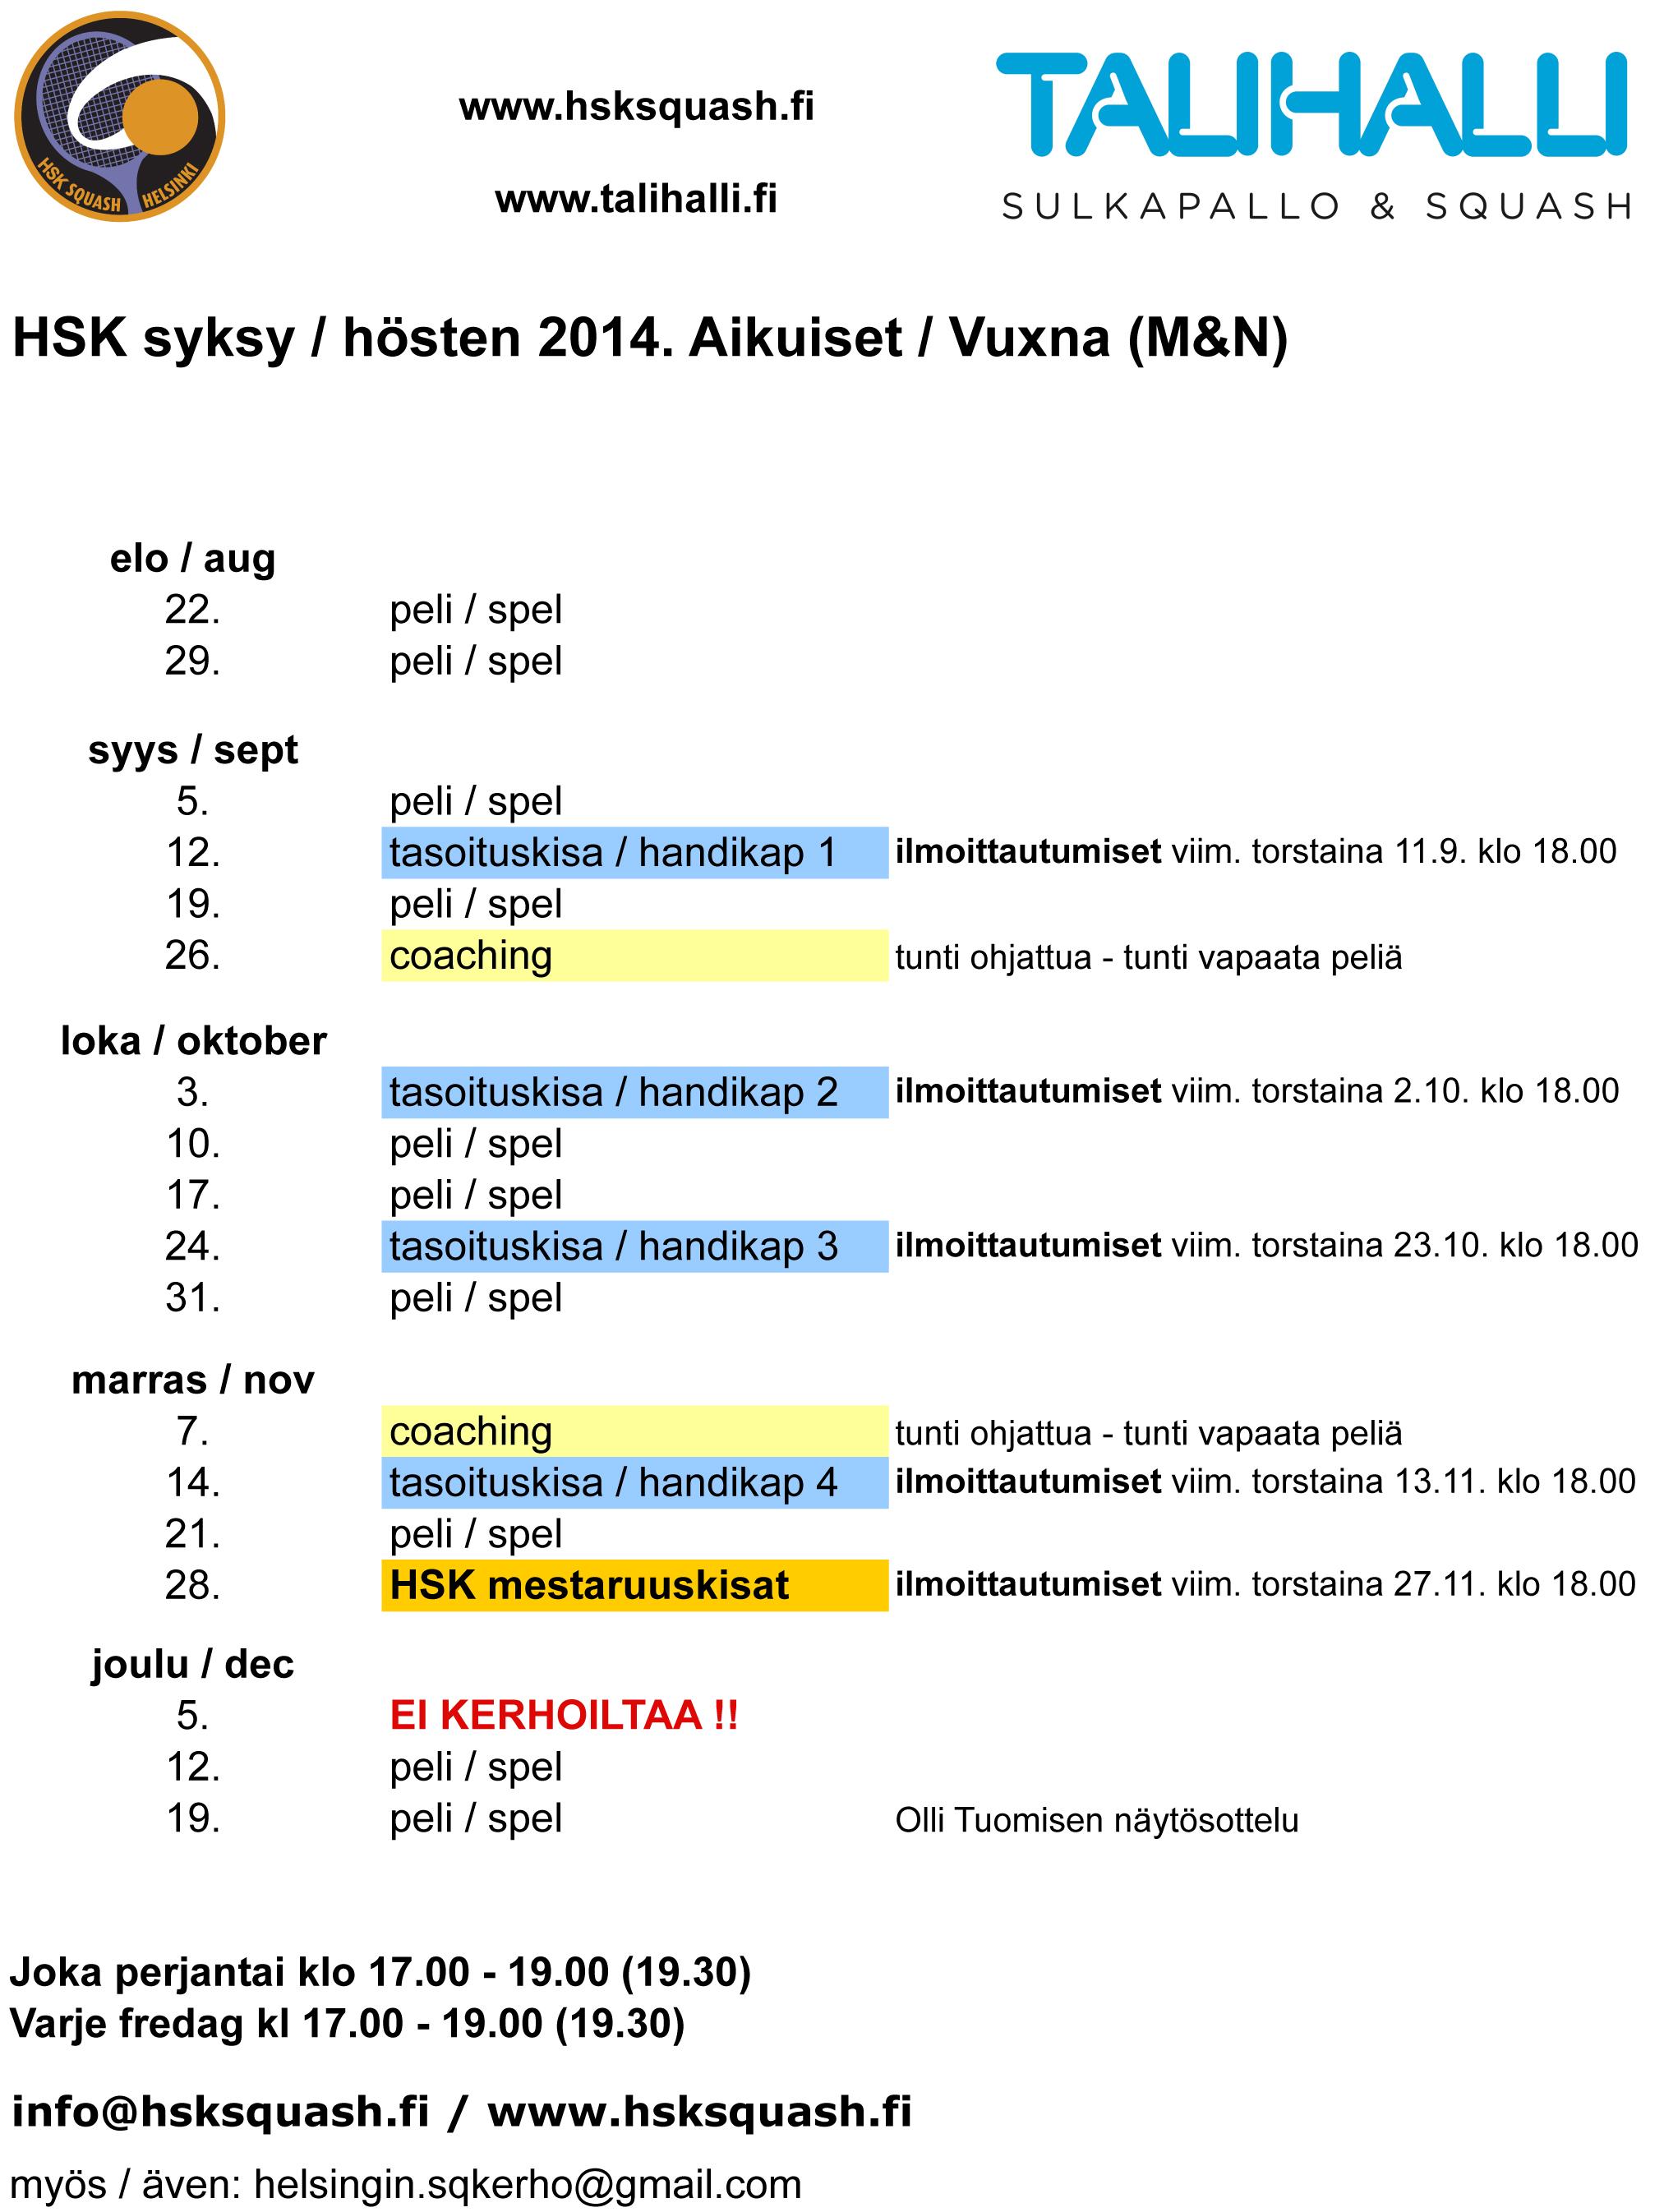 HSK syksy 2014 v2.xls